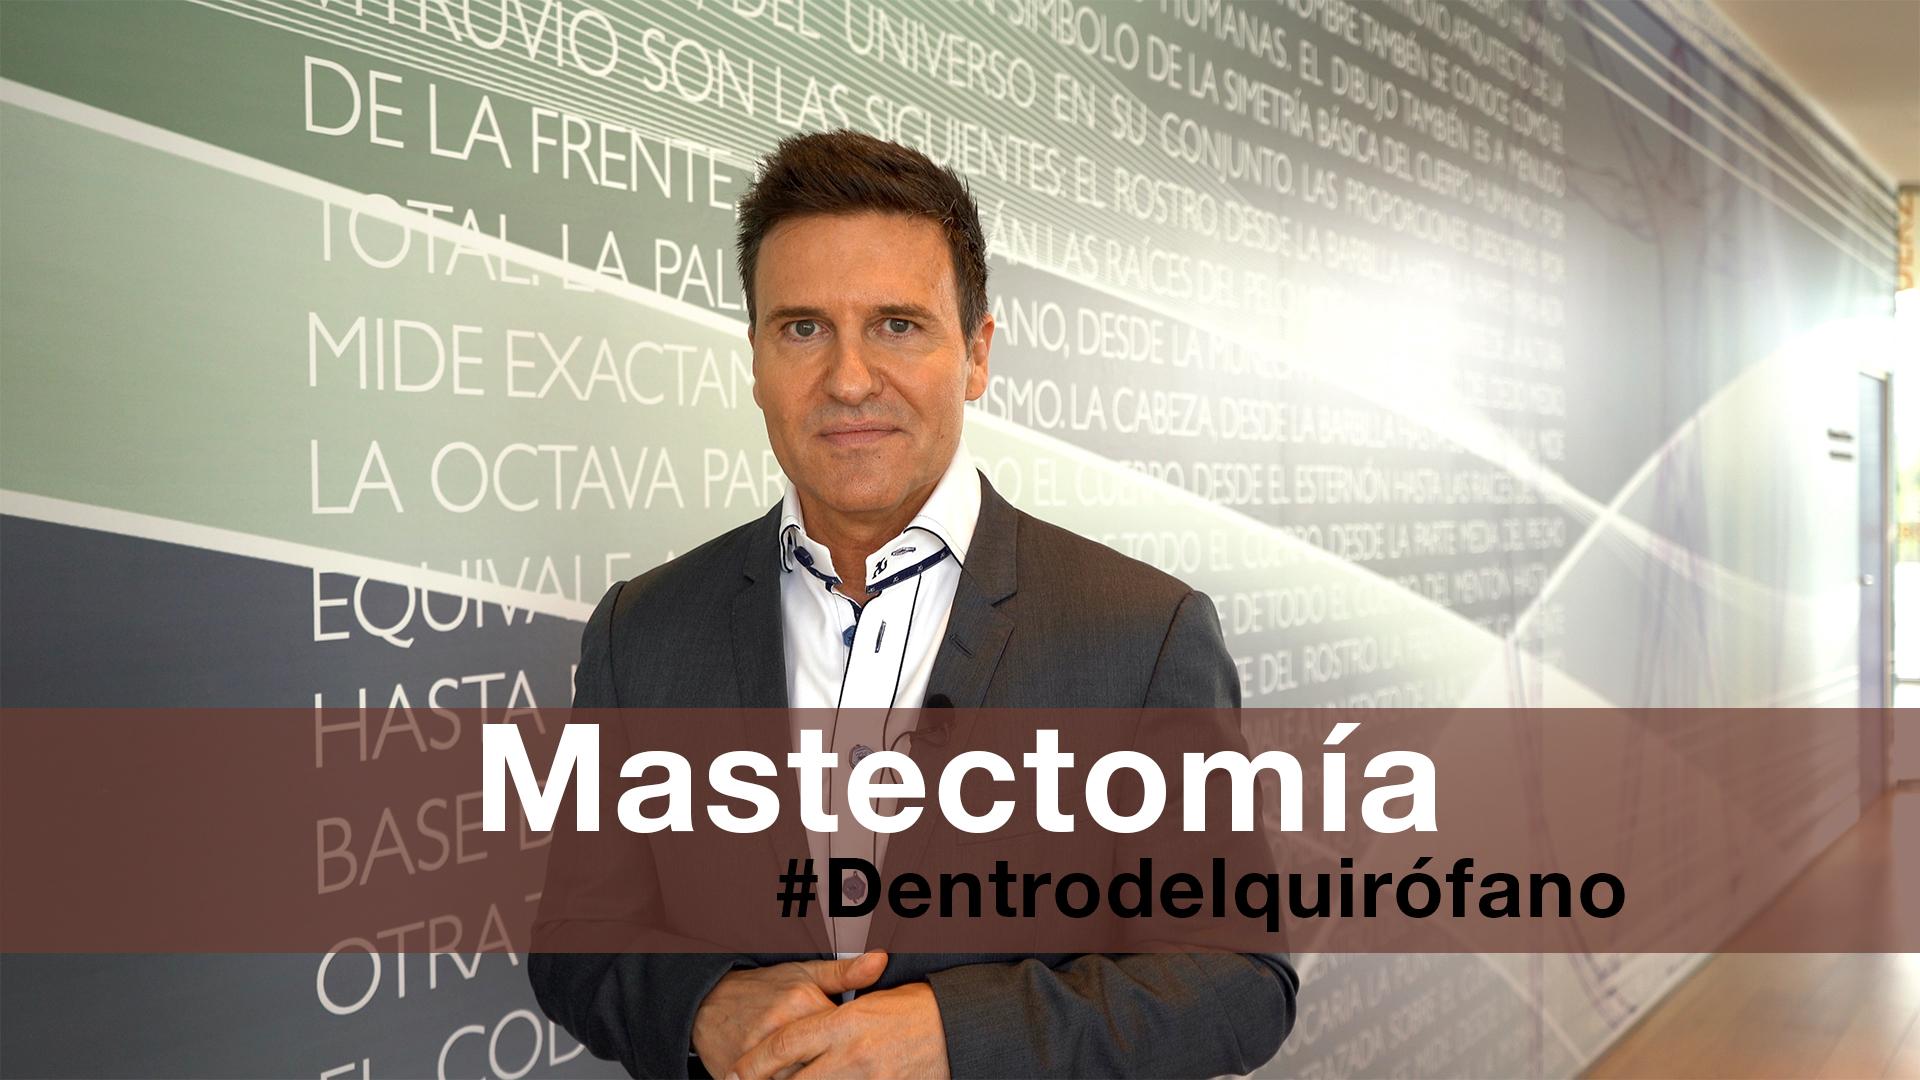 video sobre la cirugía de mastectomía en hombre trans